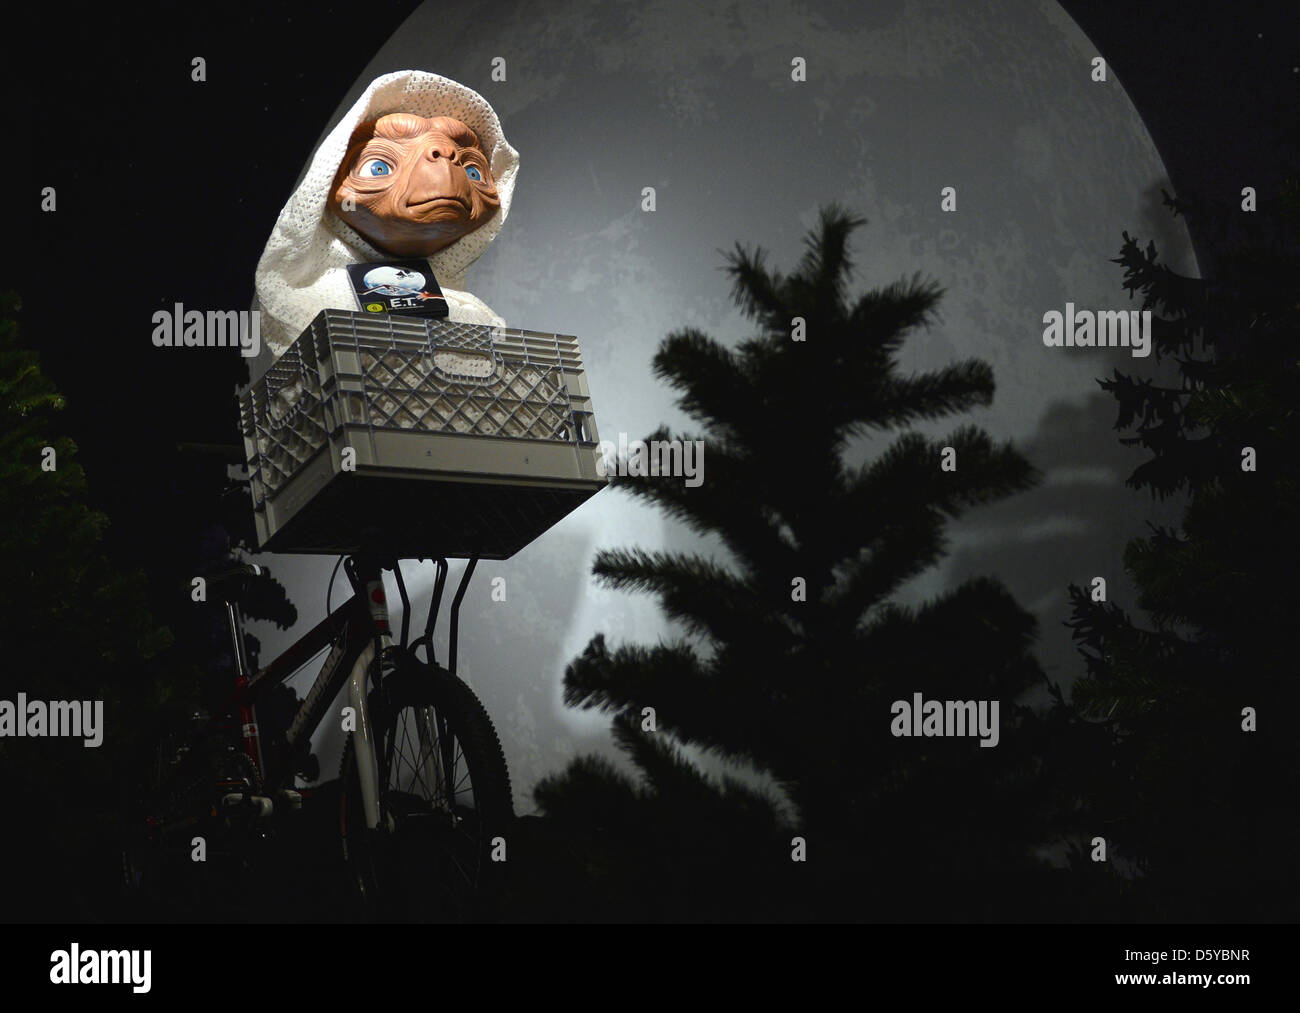 Die Wachsfigur aus dem Film 'E.T.' ist am 22.10.2012 im Wachsfigurenkabinett Madame Tussauds in Berlin zu - Stock Image